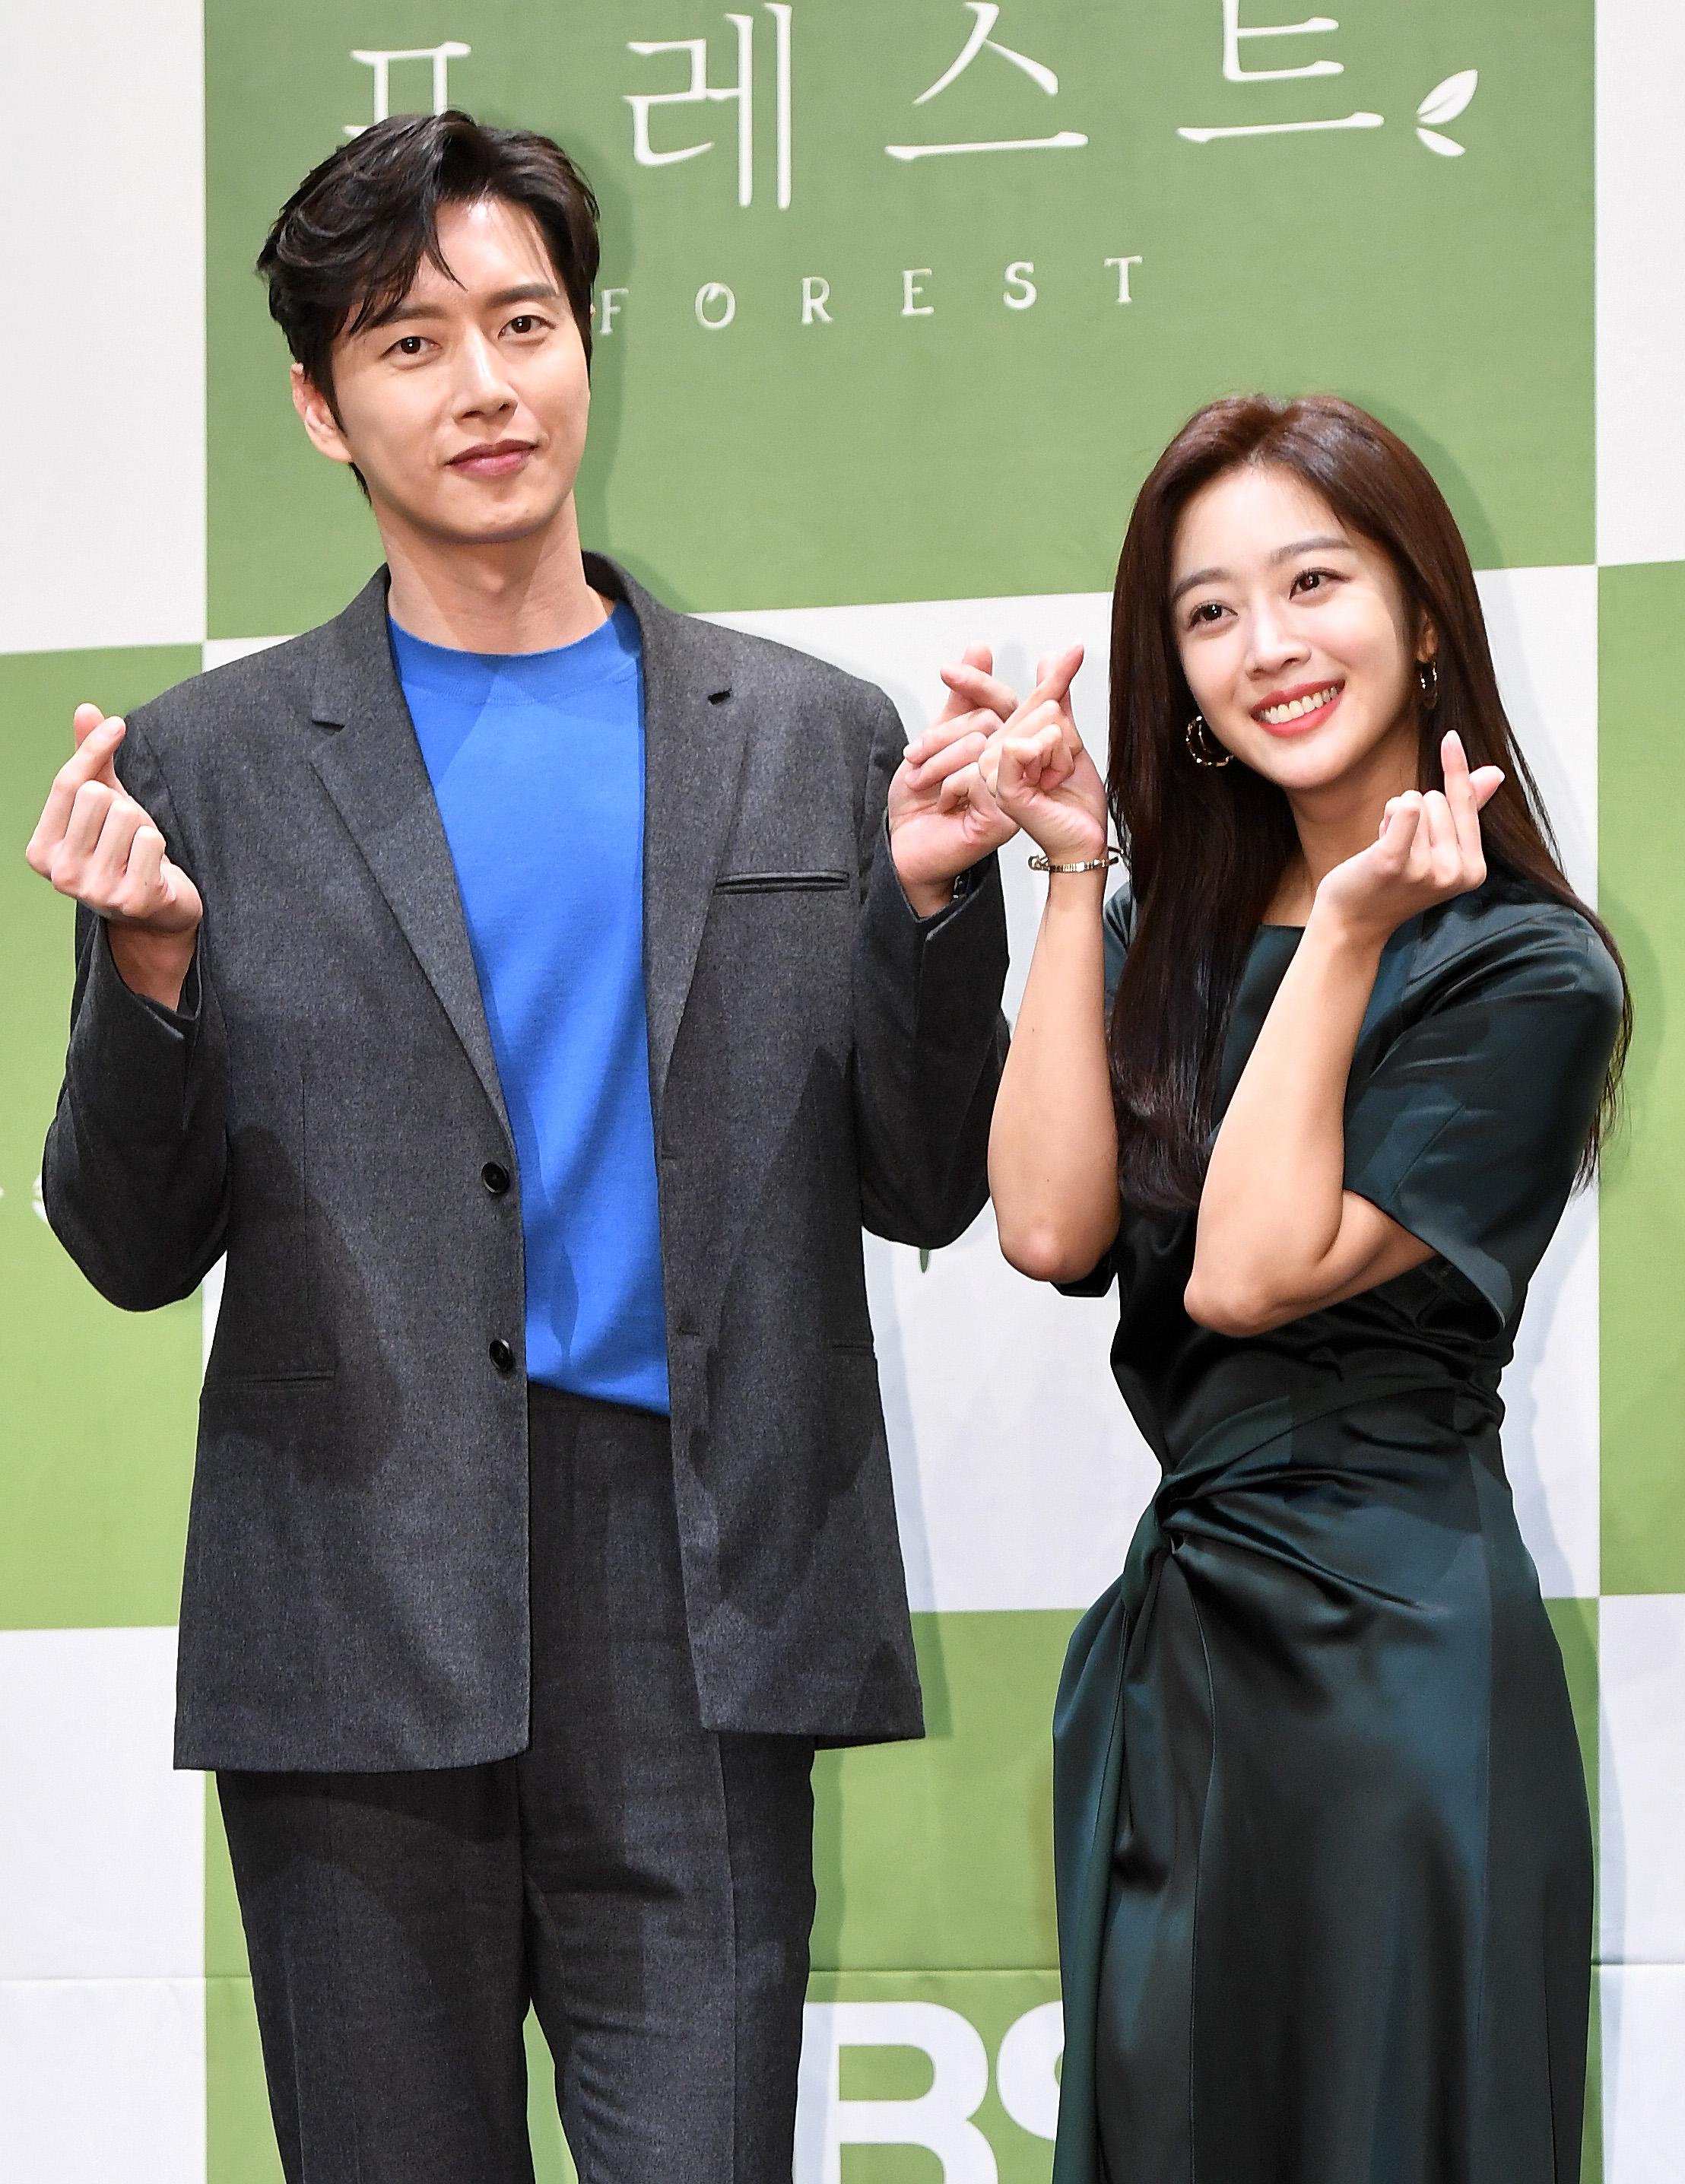 """'포레스트' 조보아 """"박해진, 겉차속따...실제 모습도 캐릭터와 비슷"""""""